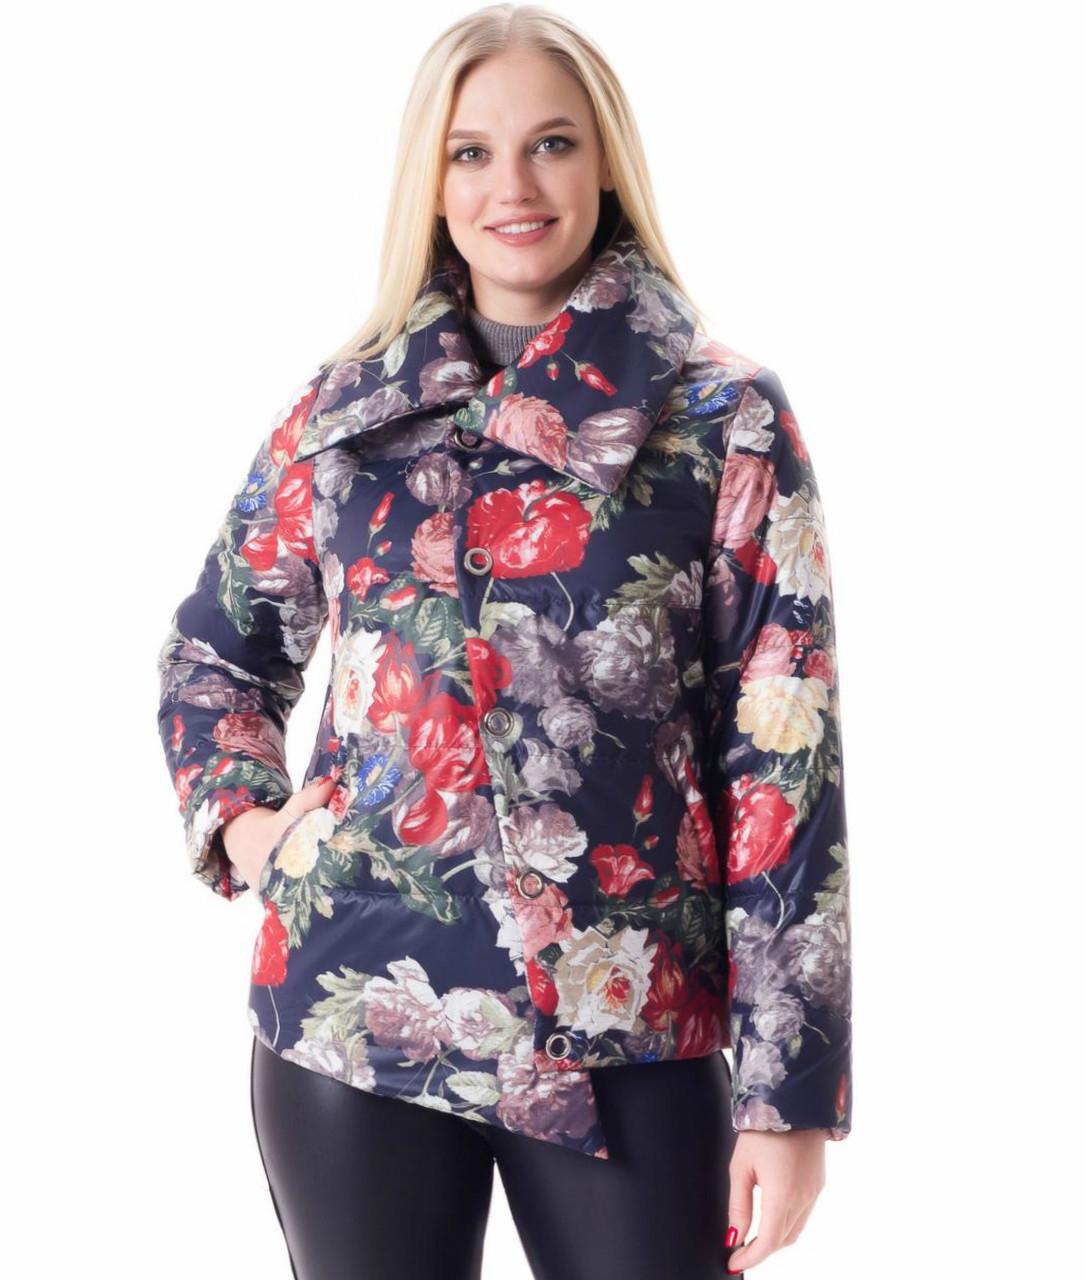 b14979378d4 Куртка женская демисезонная с цветочным принтом «Айри» (с 42 по 56 ...